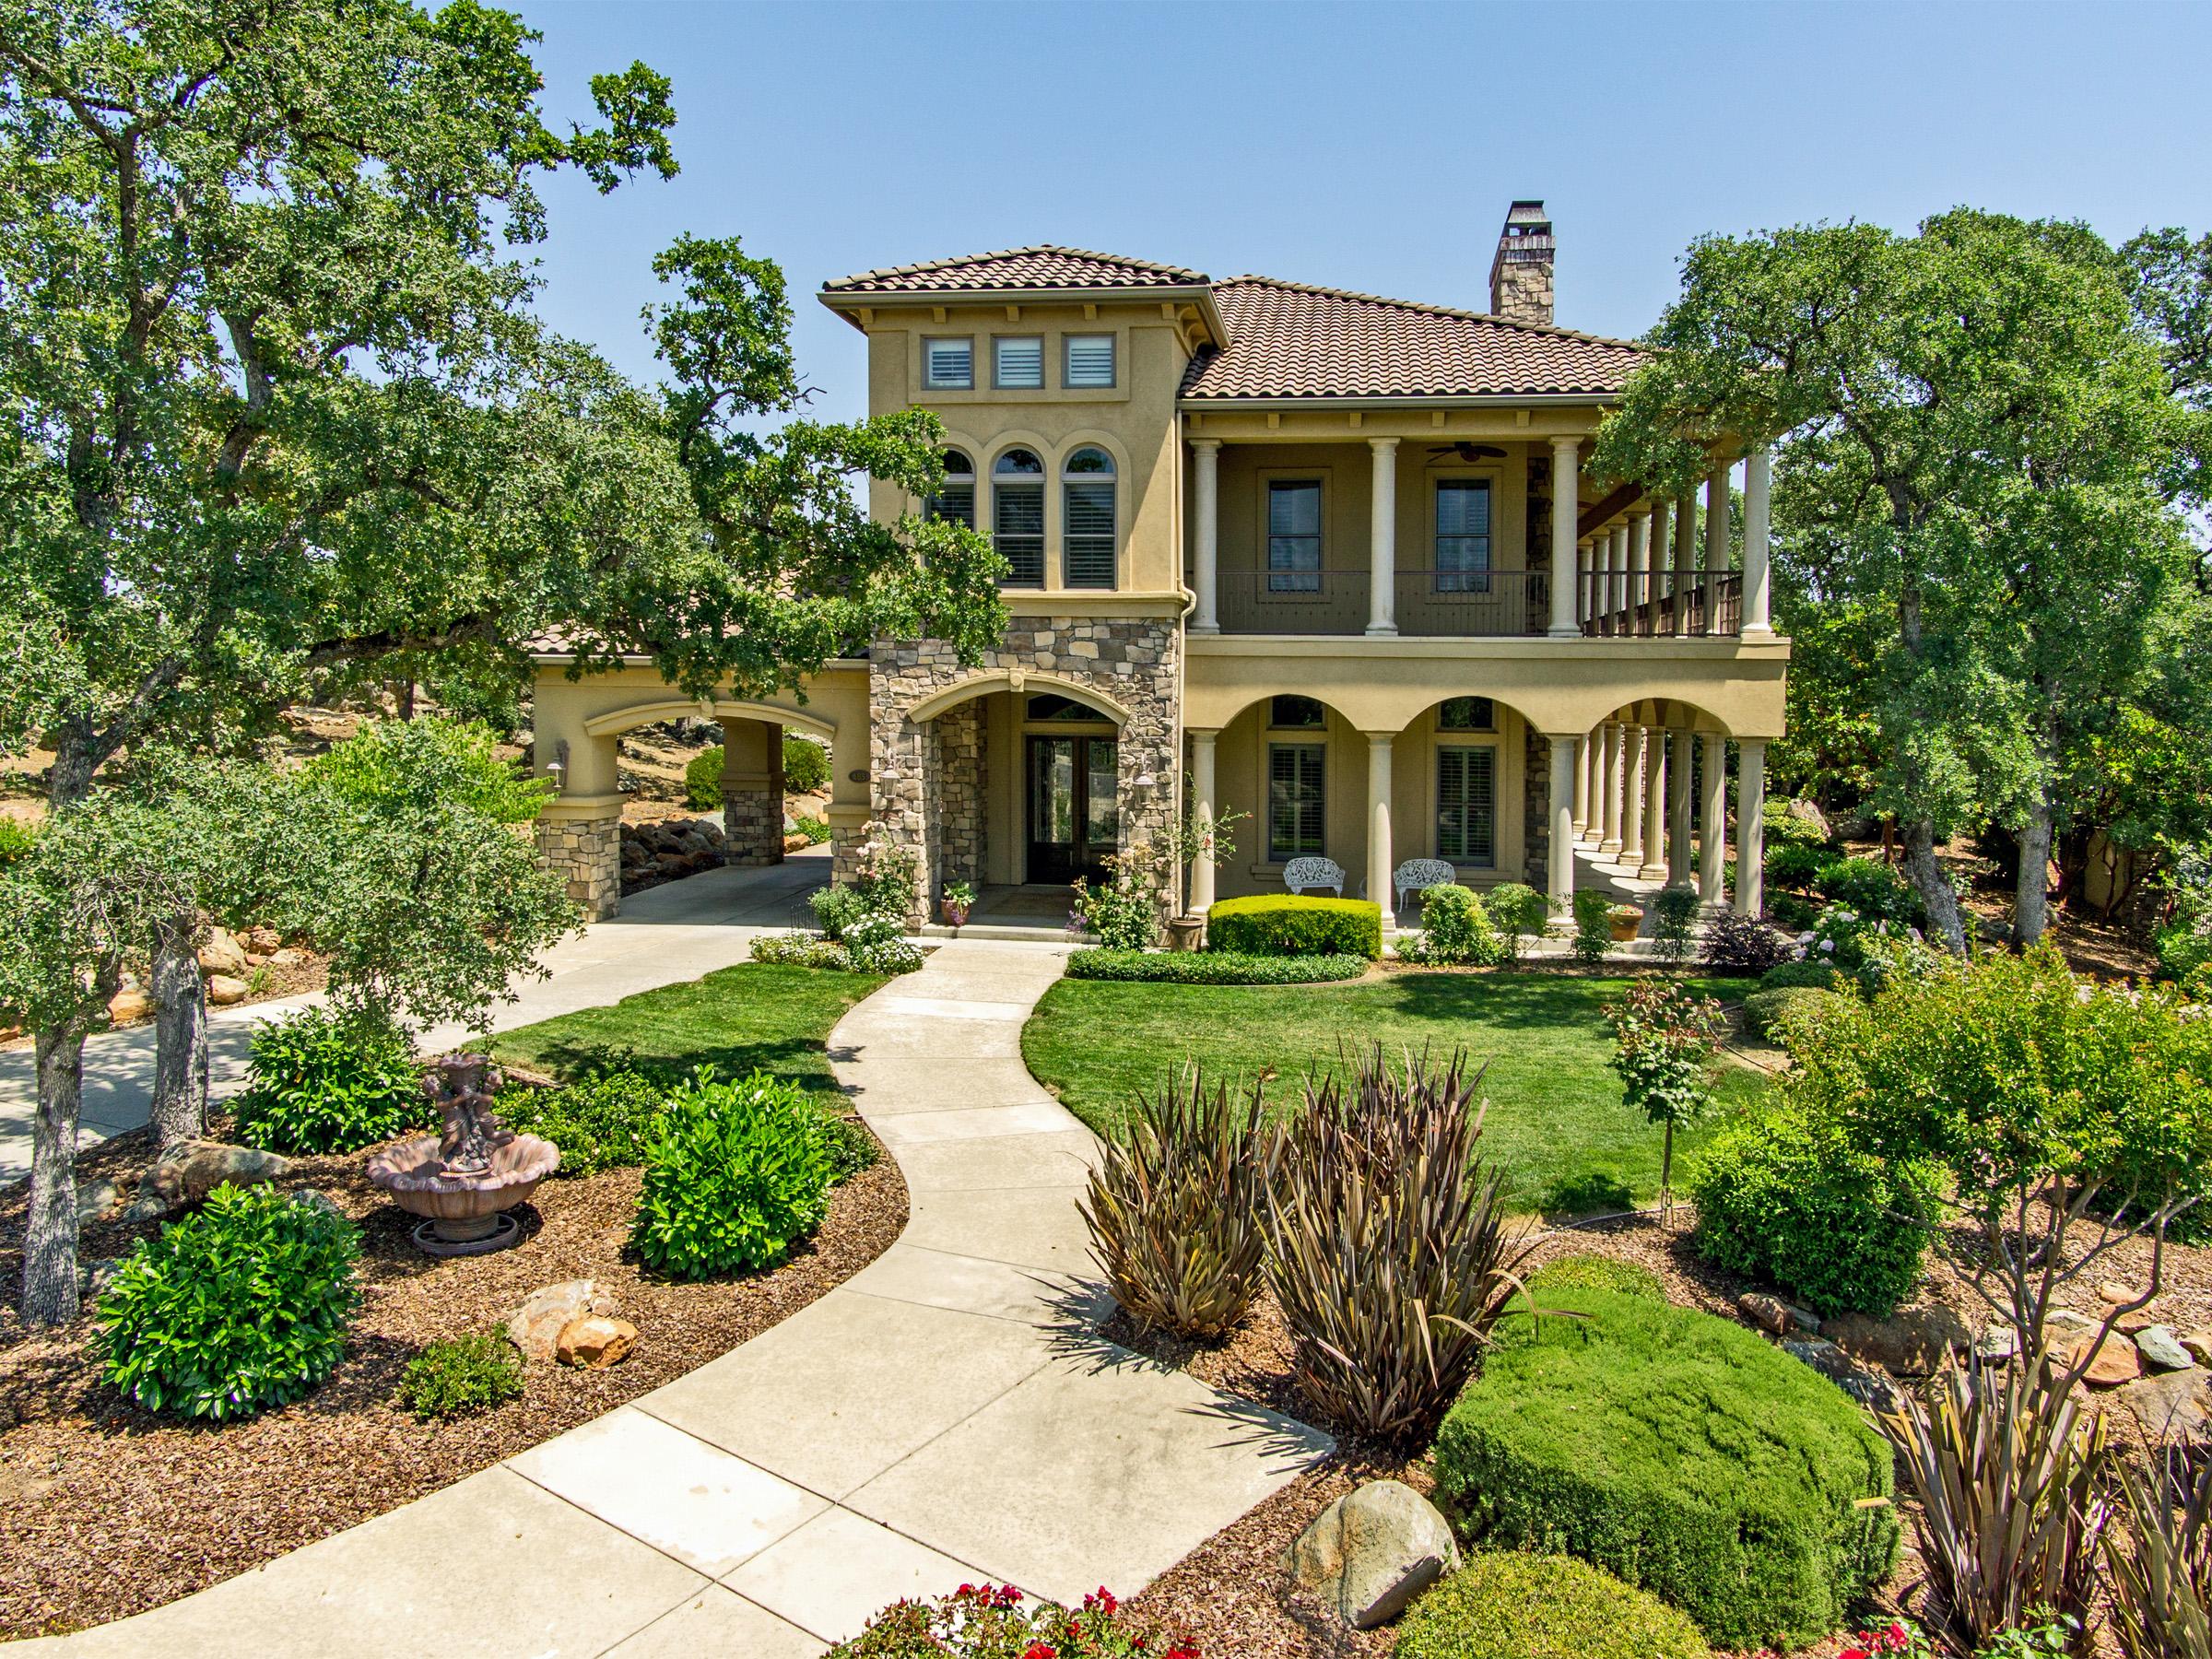 Casa Unifamiliar por un Venta en Powers 185 Powers Dr El Dorado Hills, California 95762 Estados Unidos